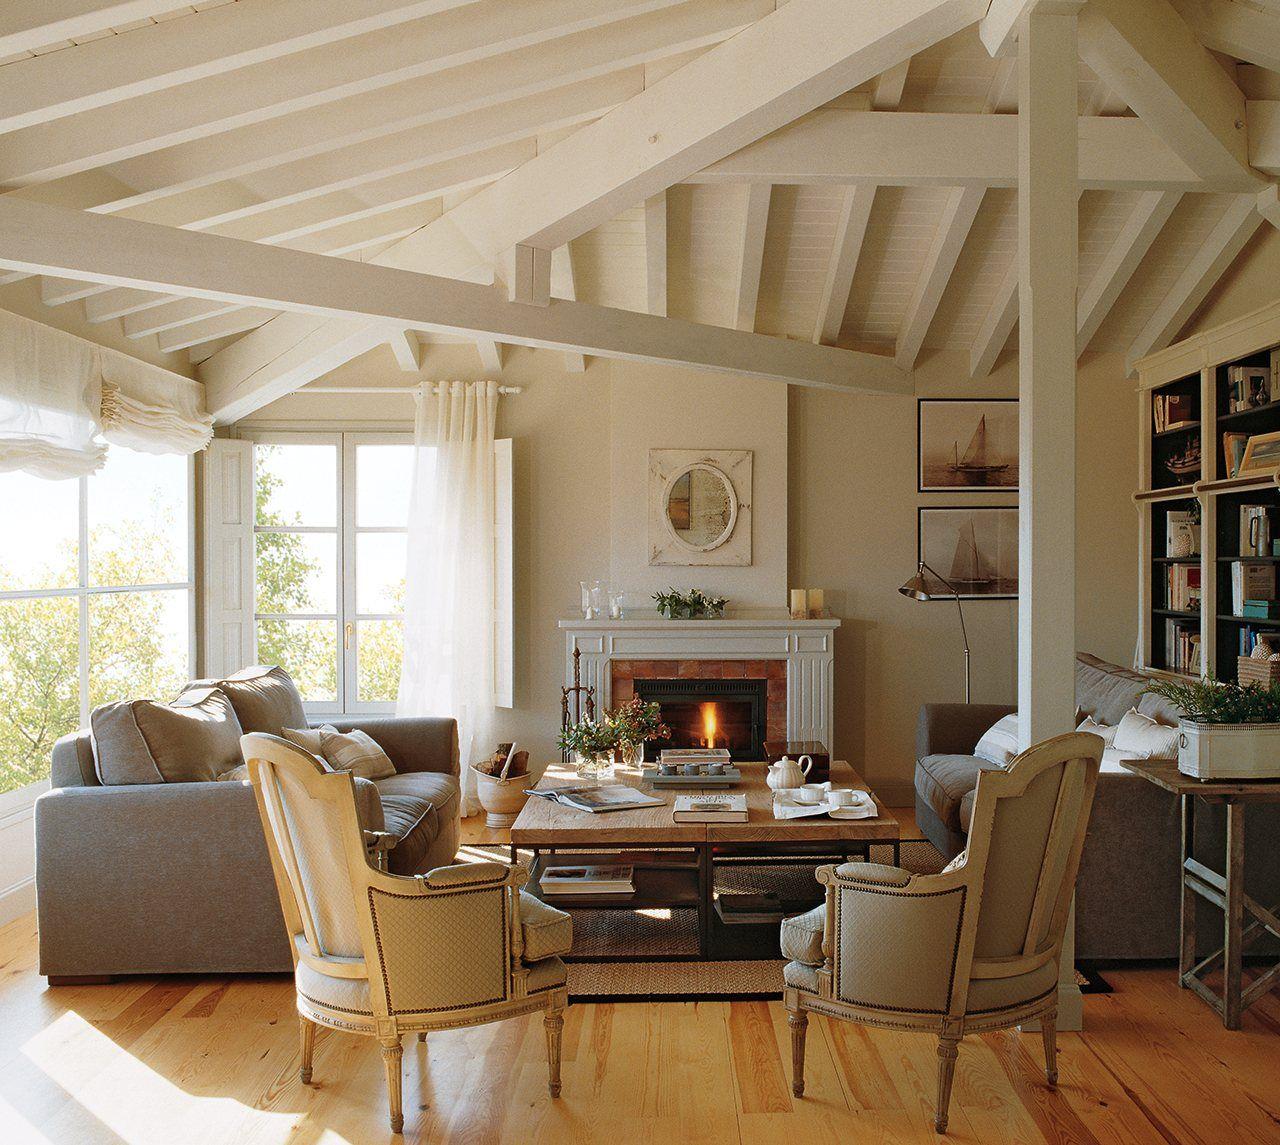 Combinar estilos una estanter a repleta de libros el - La chimenea muebles ...